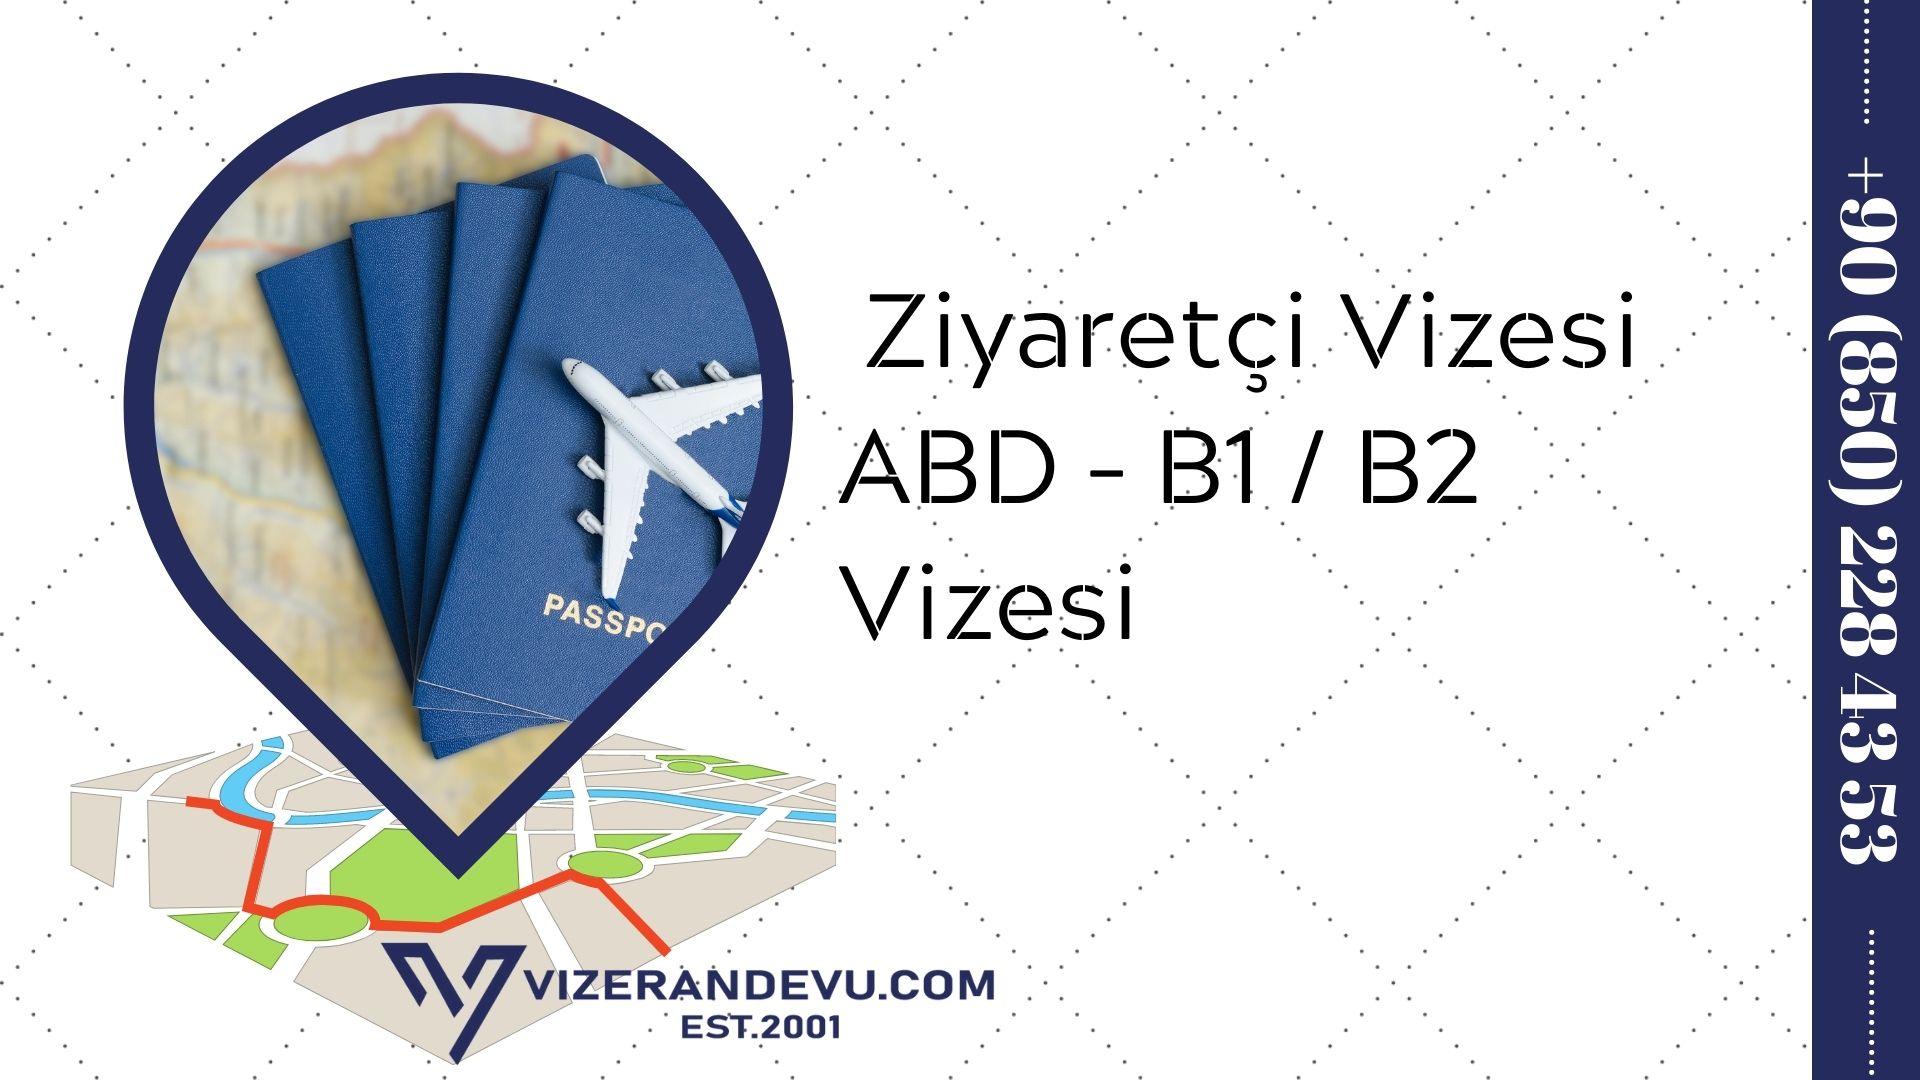 Ziyaretçi Vizesi ABD - B1 / B2 Vizesi